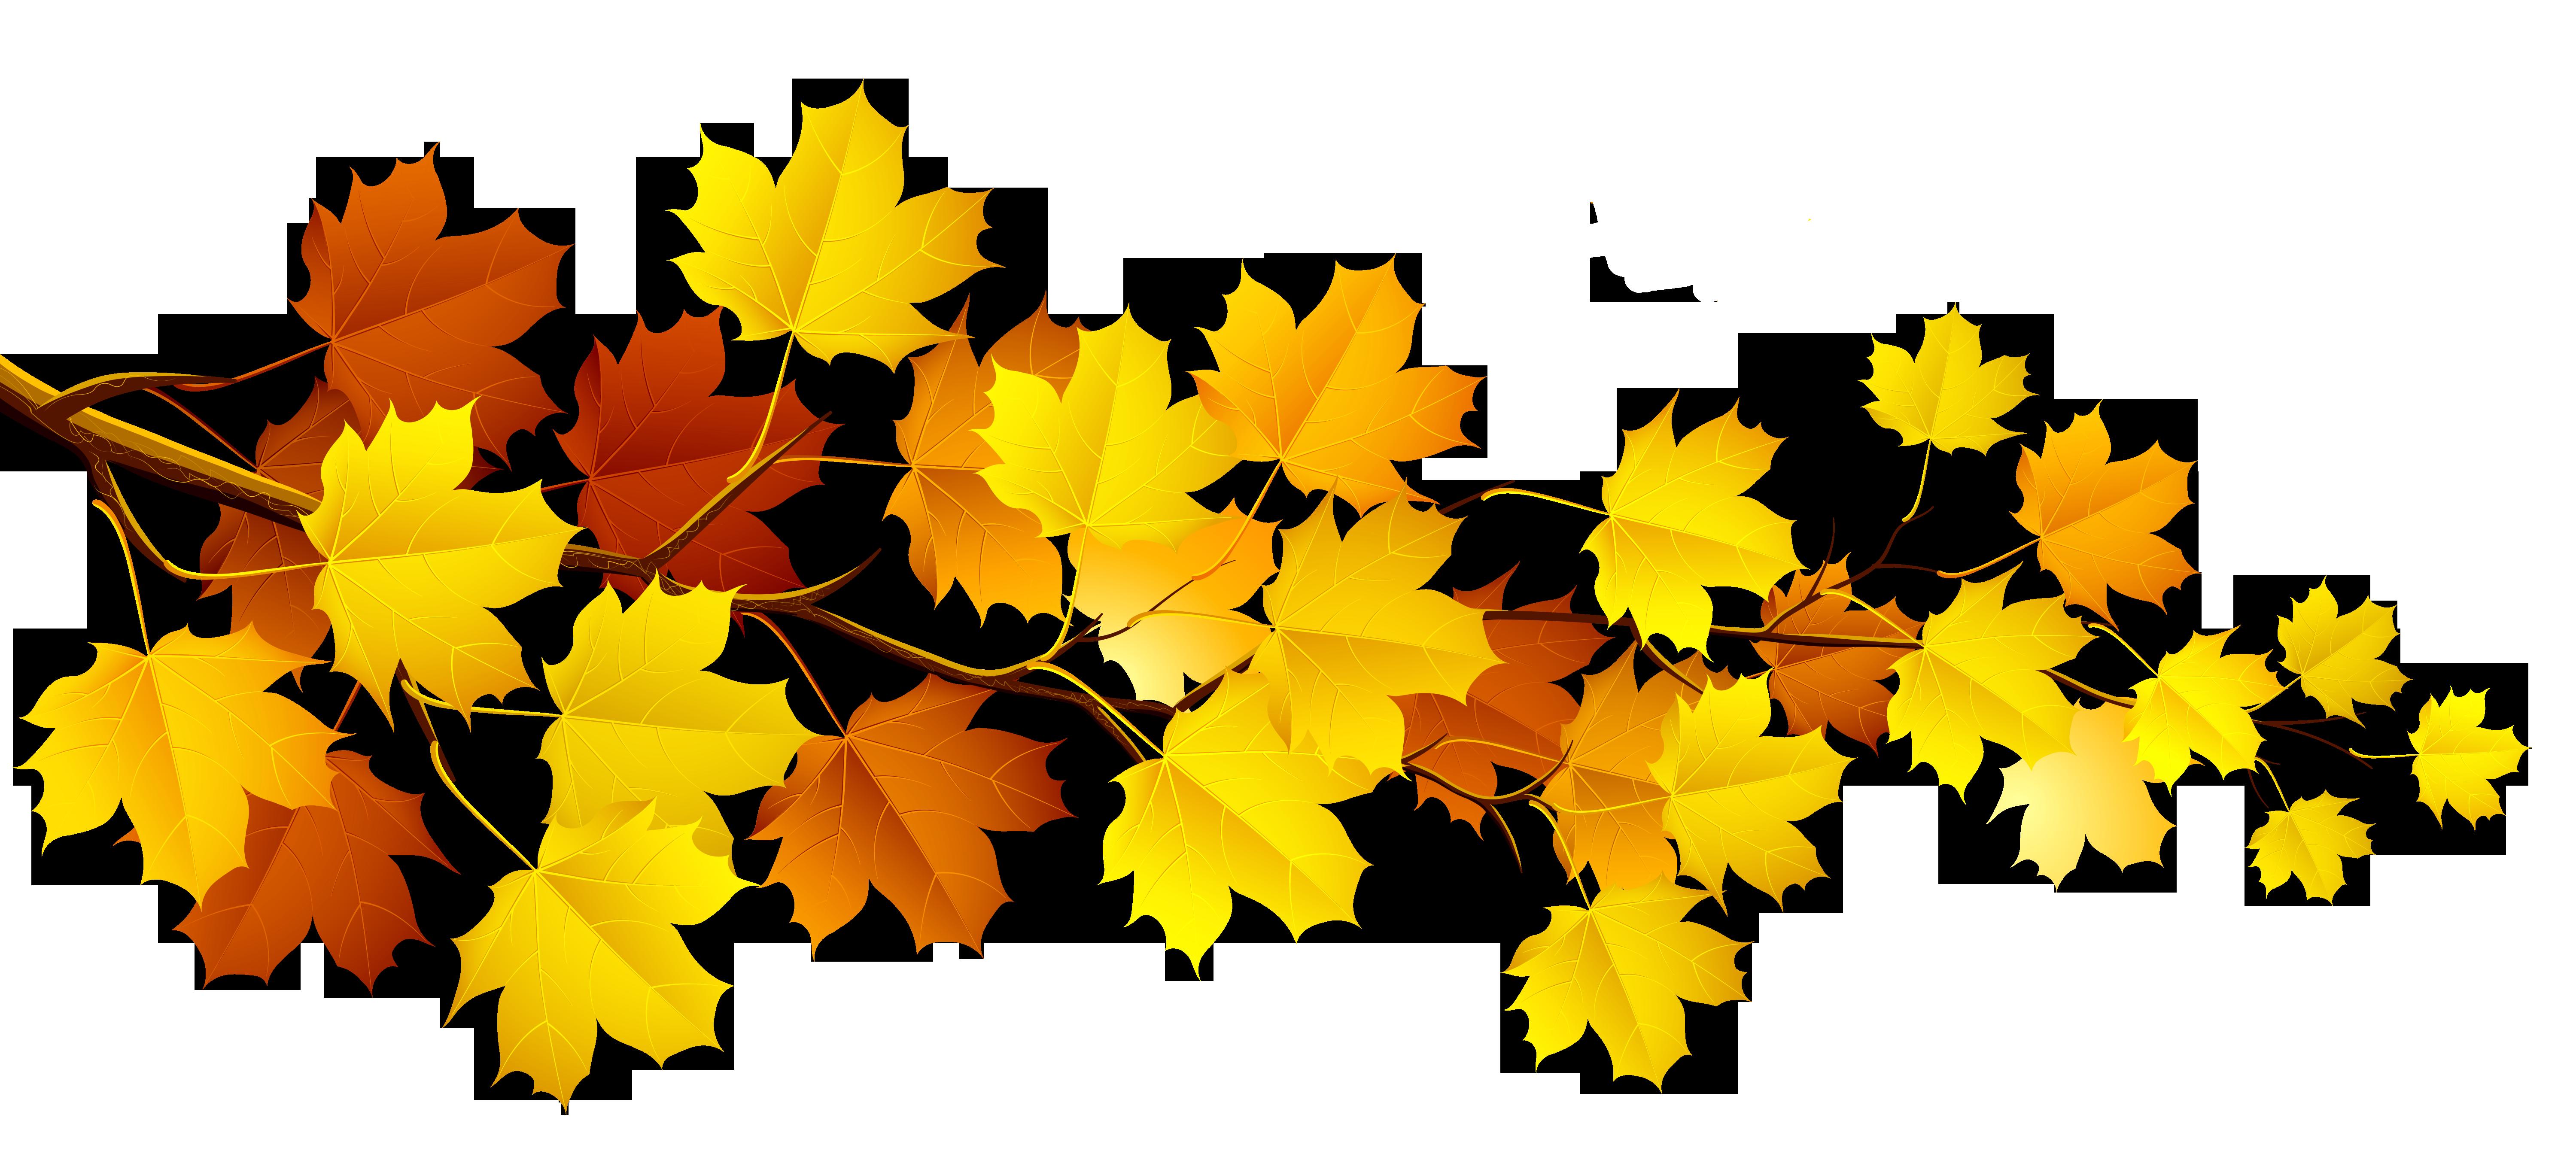 предлагаем картинка для фона осень на прозрачном фоне можно наблюдать, как